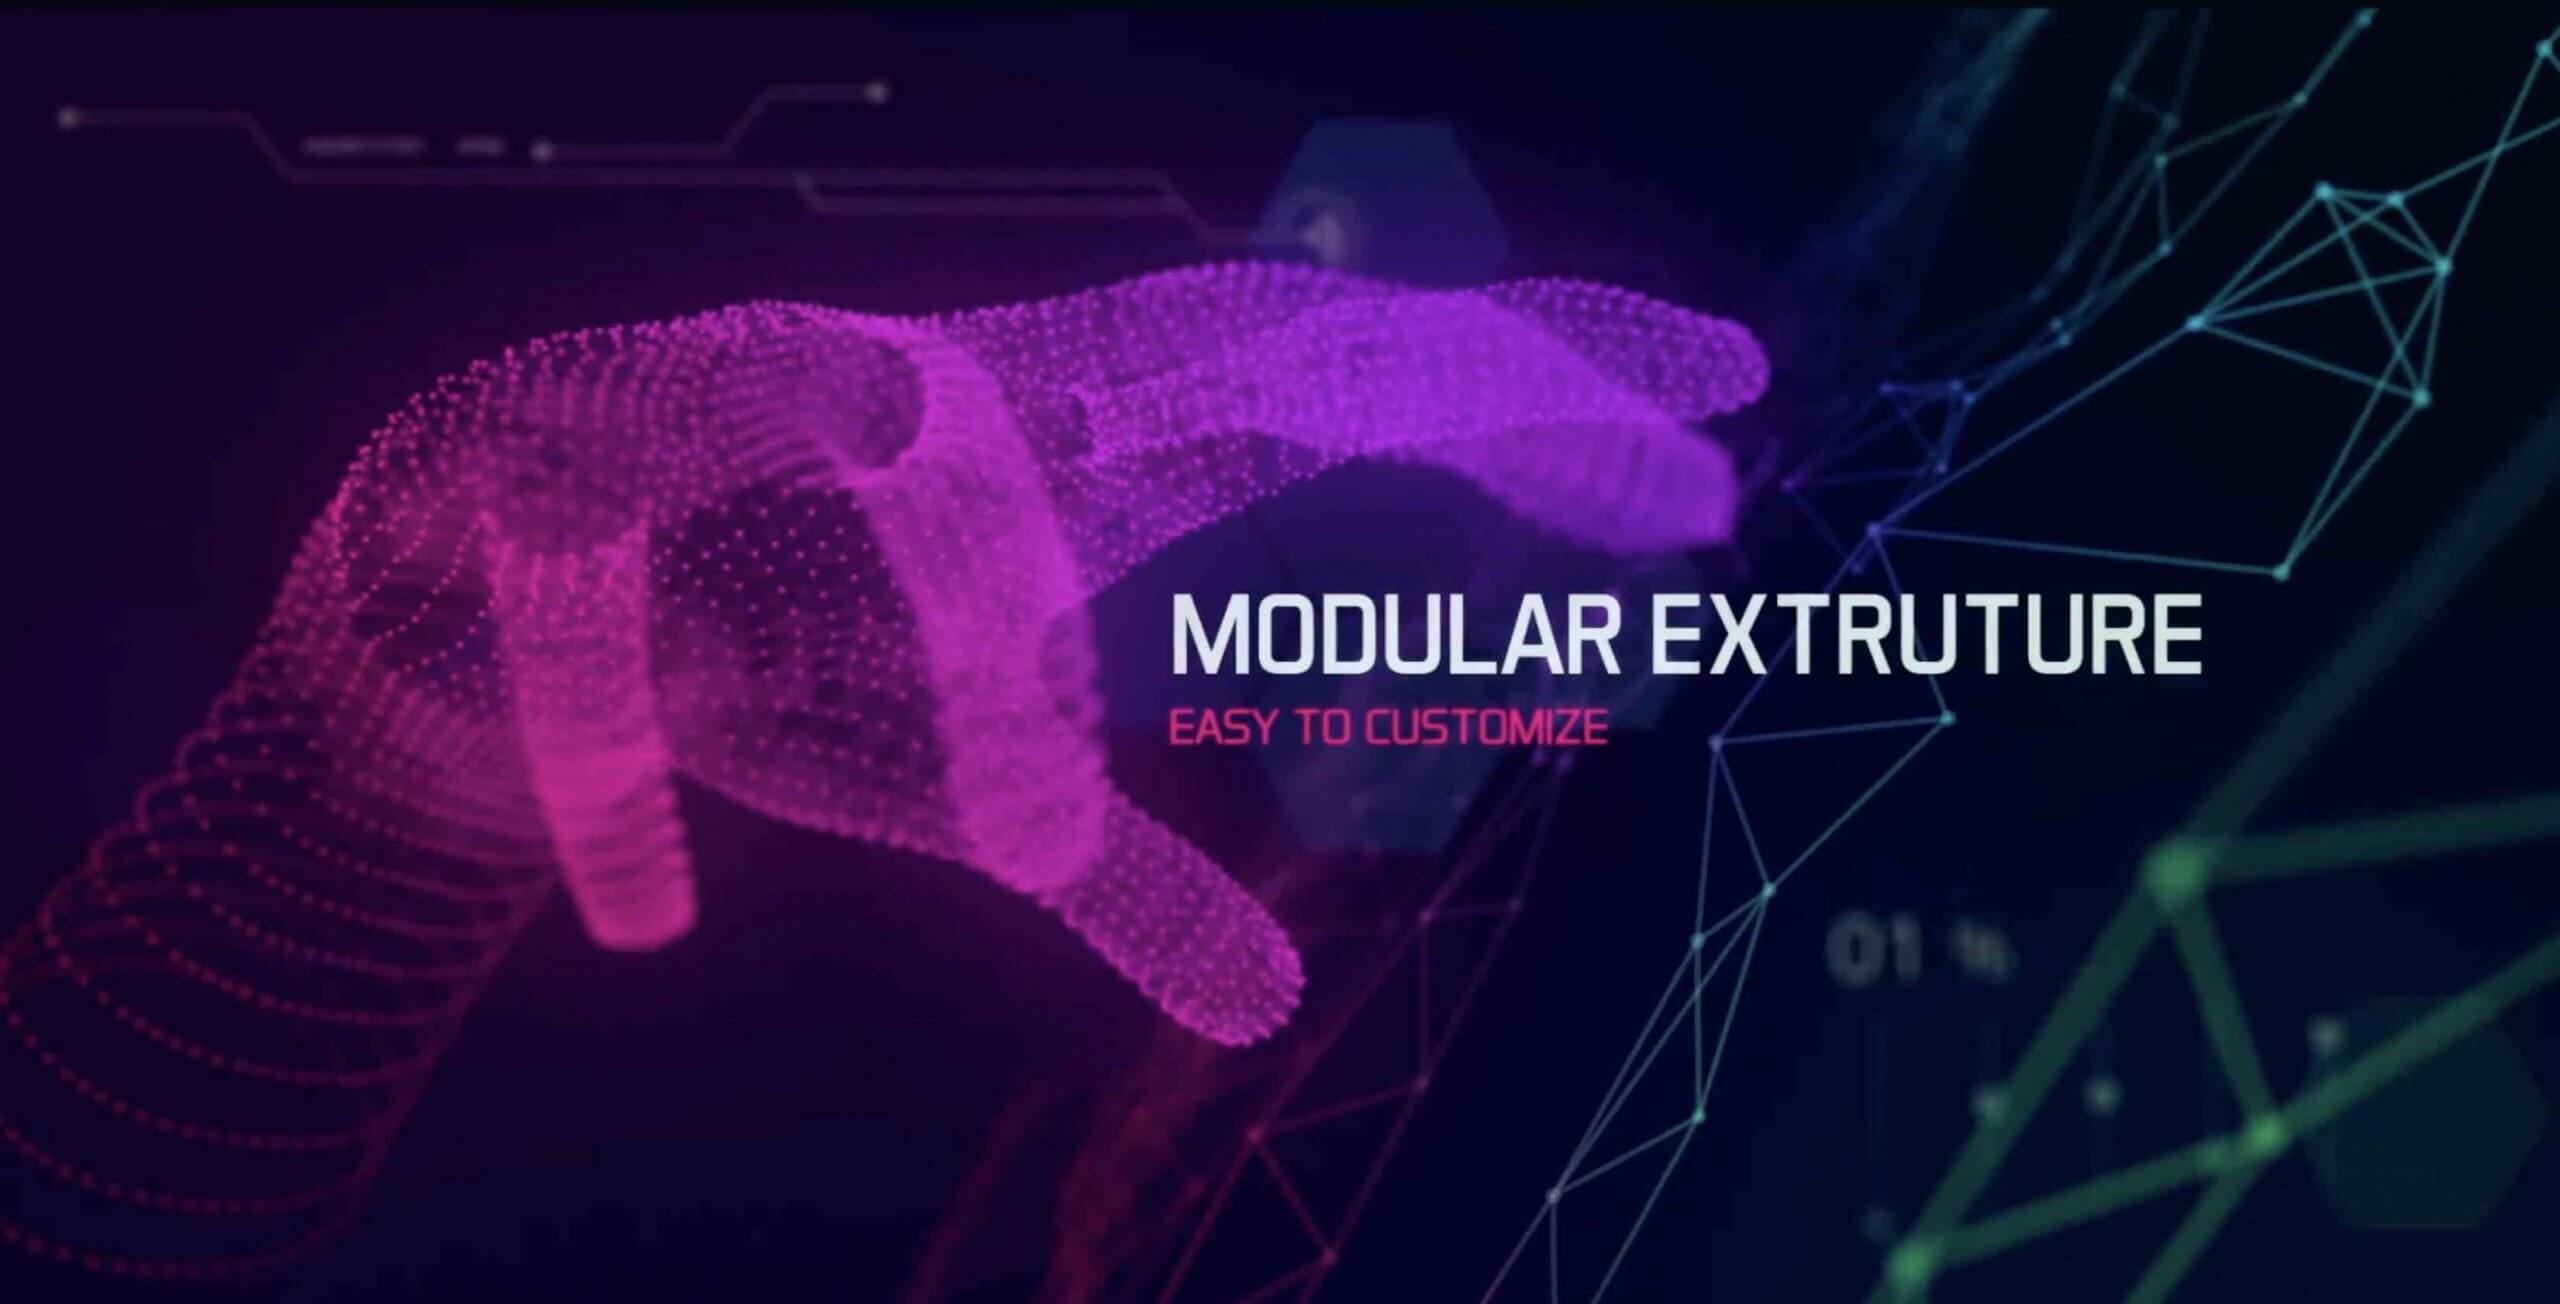 AE模板-粒子数字标题开篇(包含音效,OBJ模型)插图1